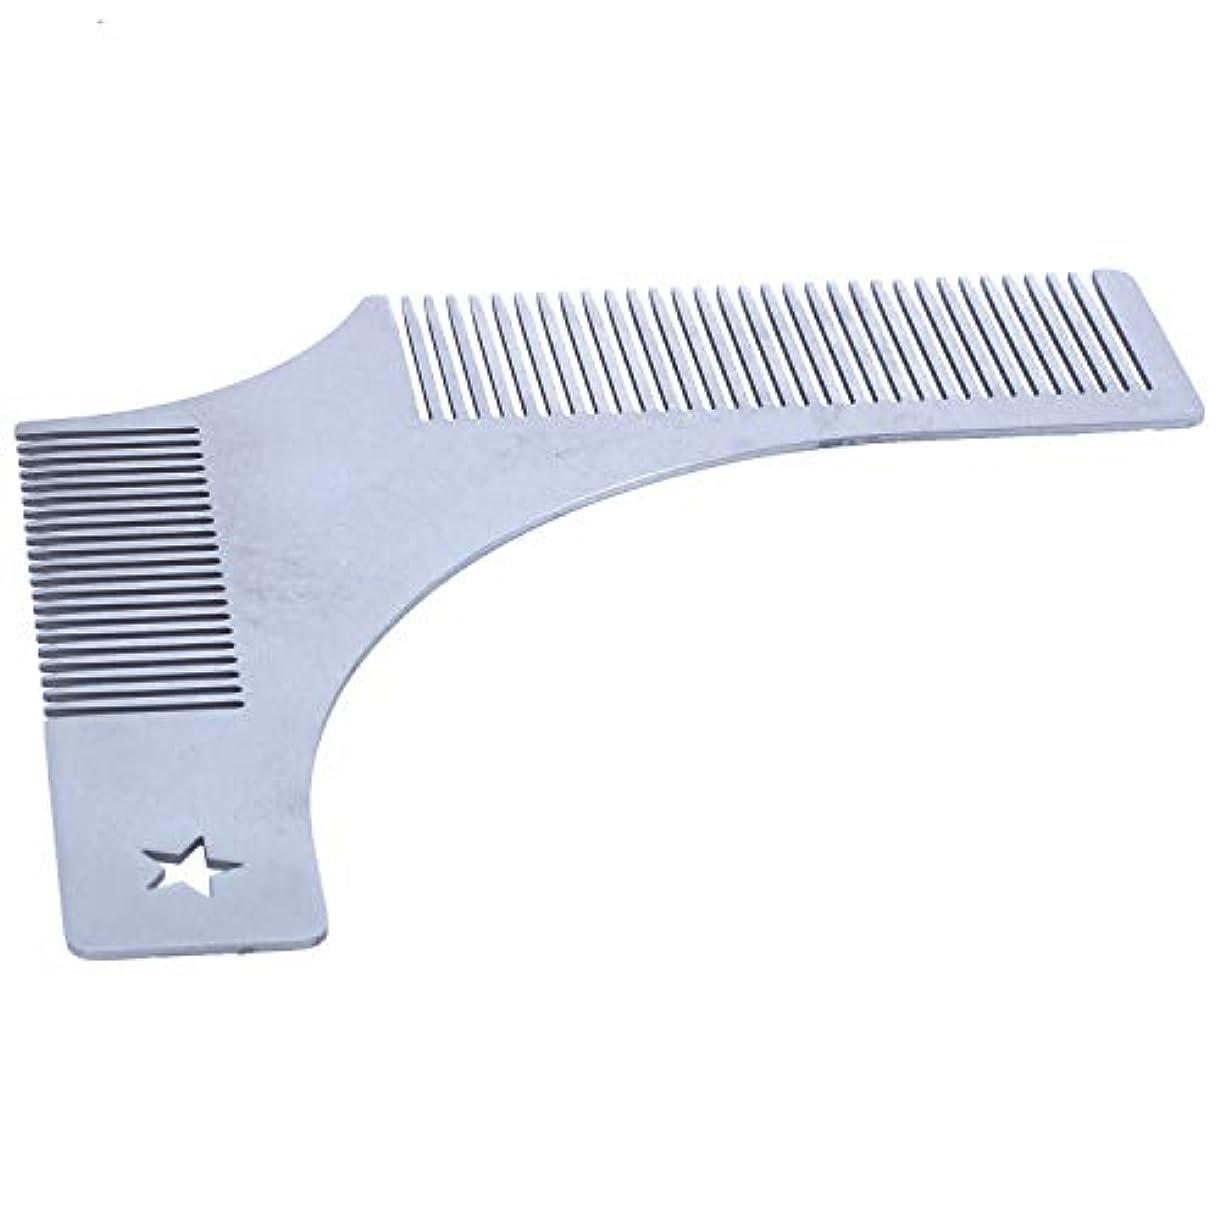 首等価第五Vaorwne ひげ造形櫛ステンレス鋼ひげ成形ツールひげモデリングテンプレートカーディングツールひげ櫛